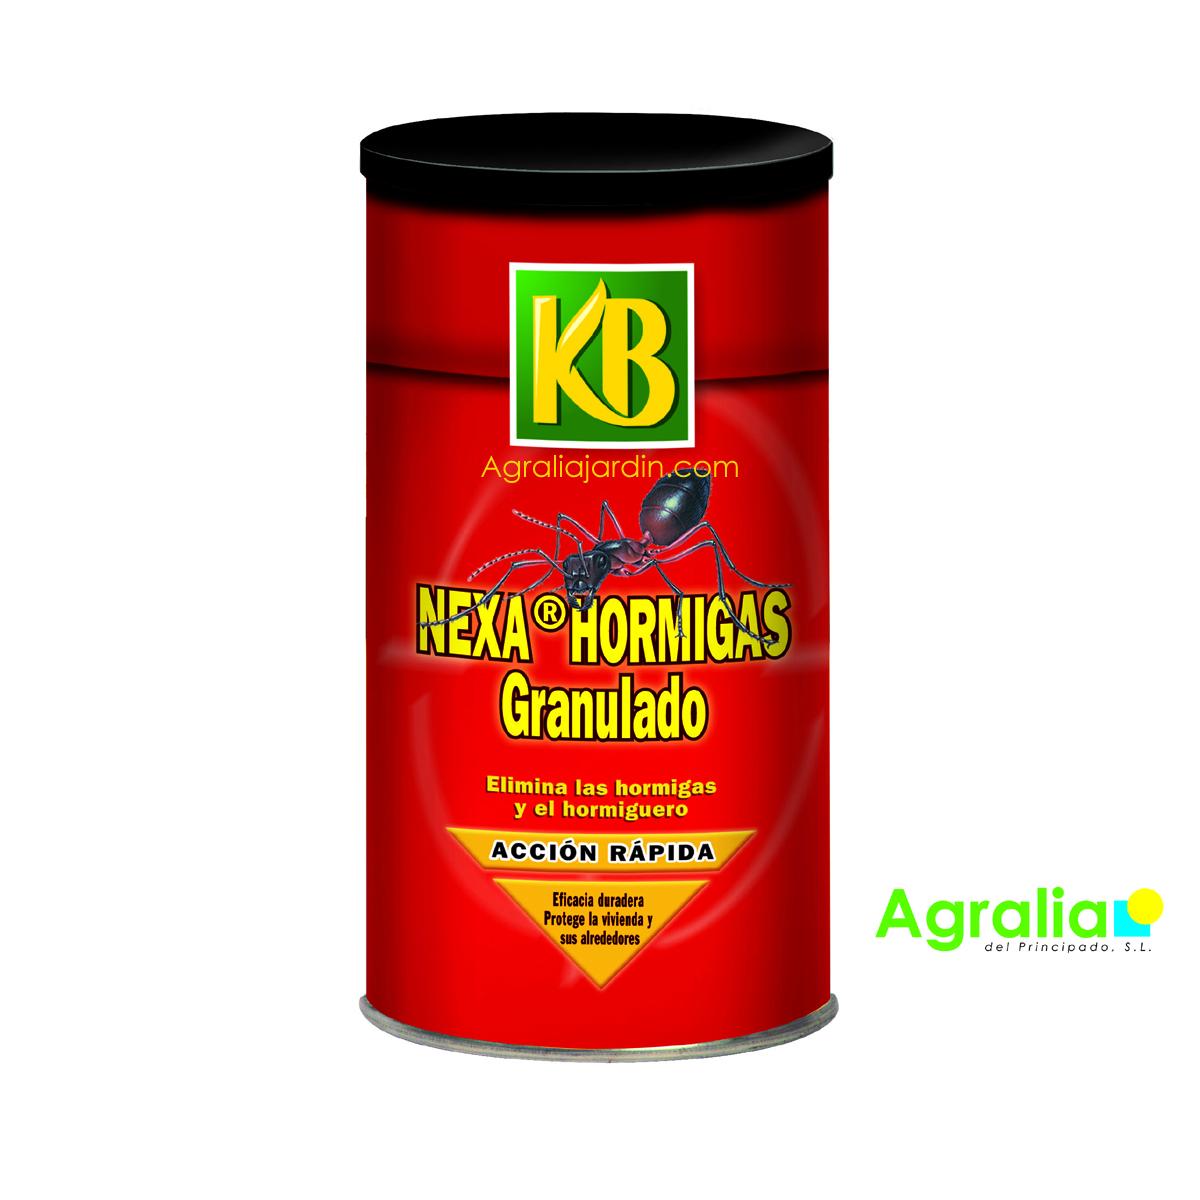 KB nexa hormigas granulado 250 gr